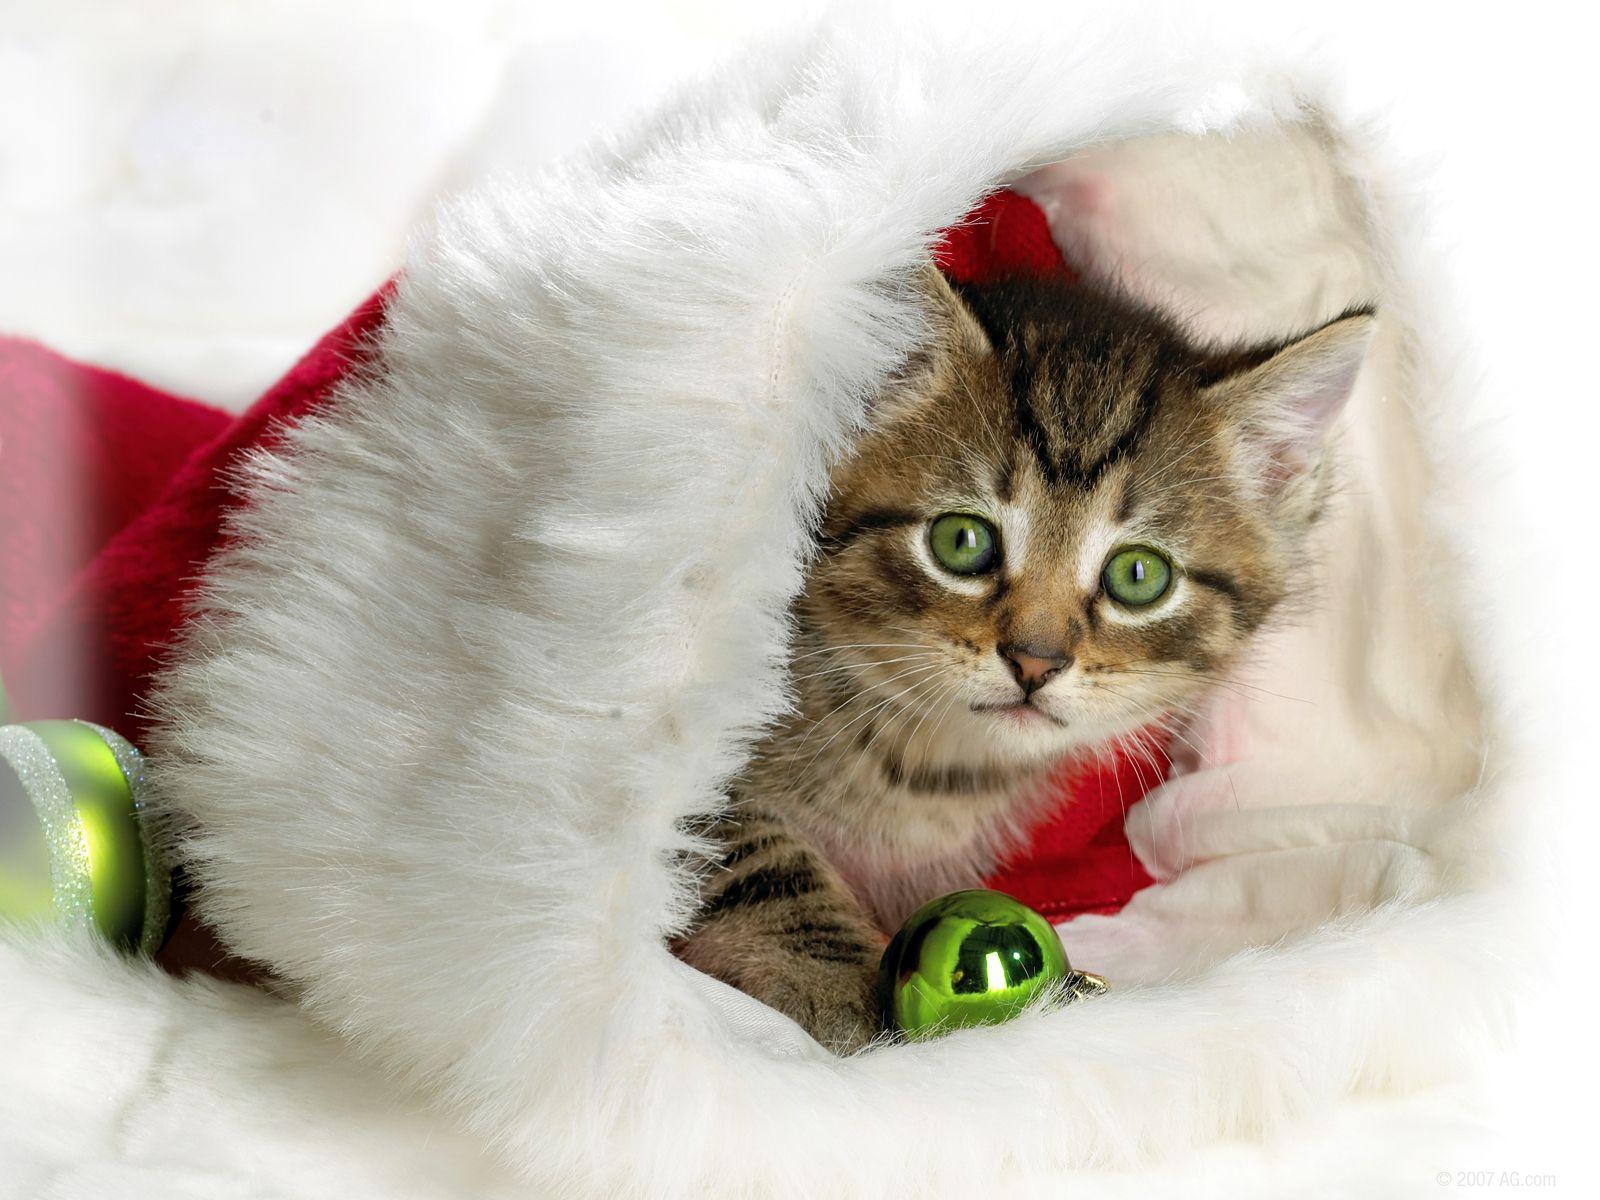 Google Image Result For Http Zverki Org Wp Content Uploads 2010 12 01 New Year Cats Jpg Chats De Noel Cute Kittens Chaton De Noel